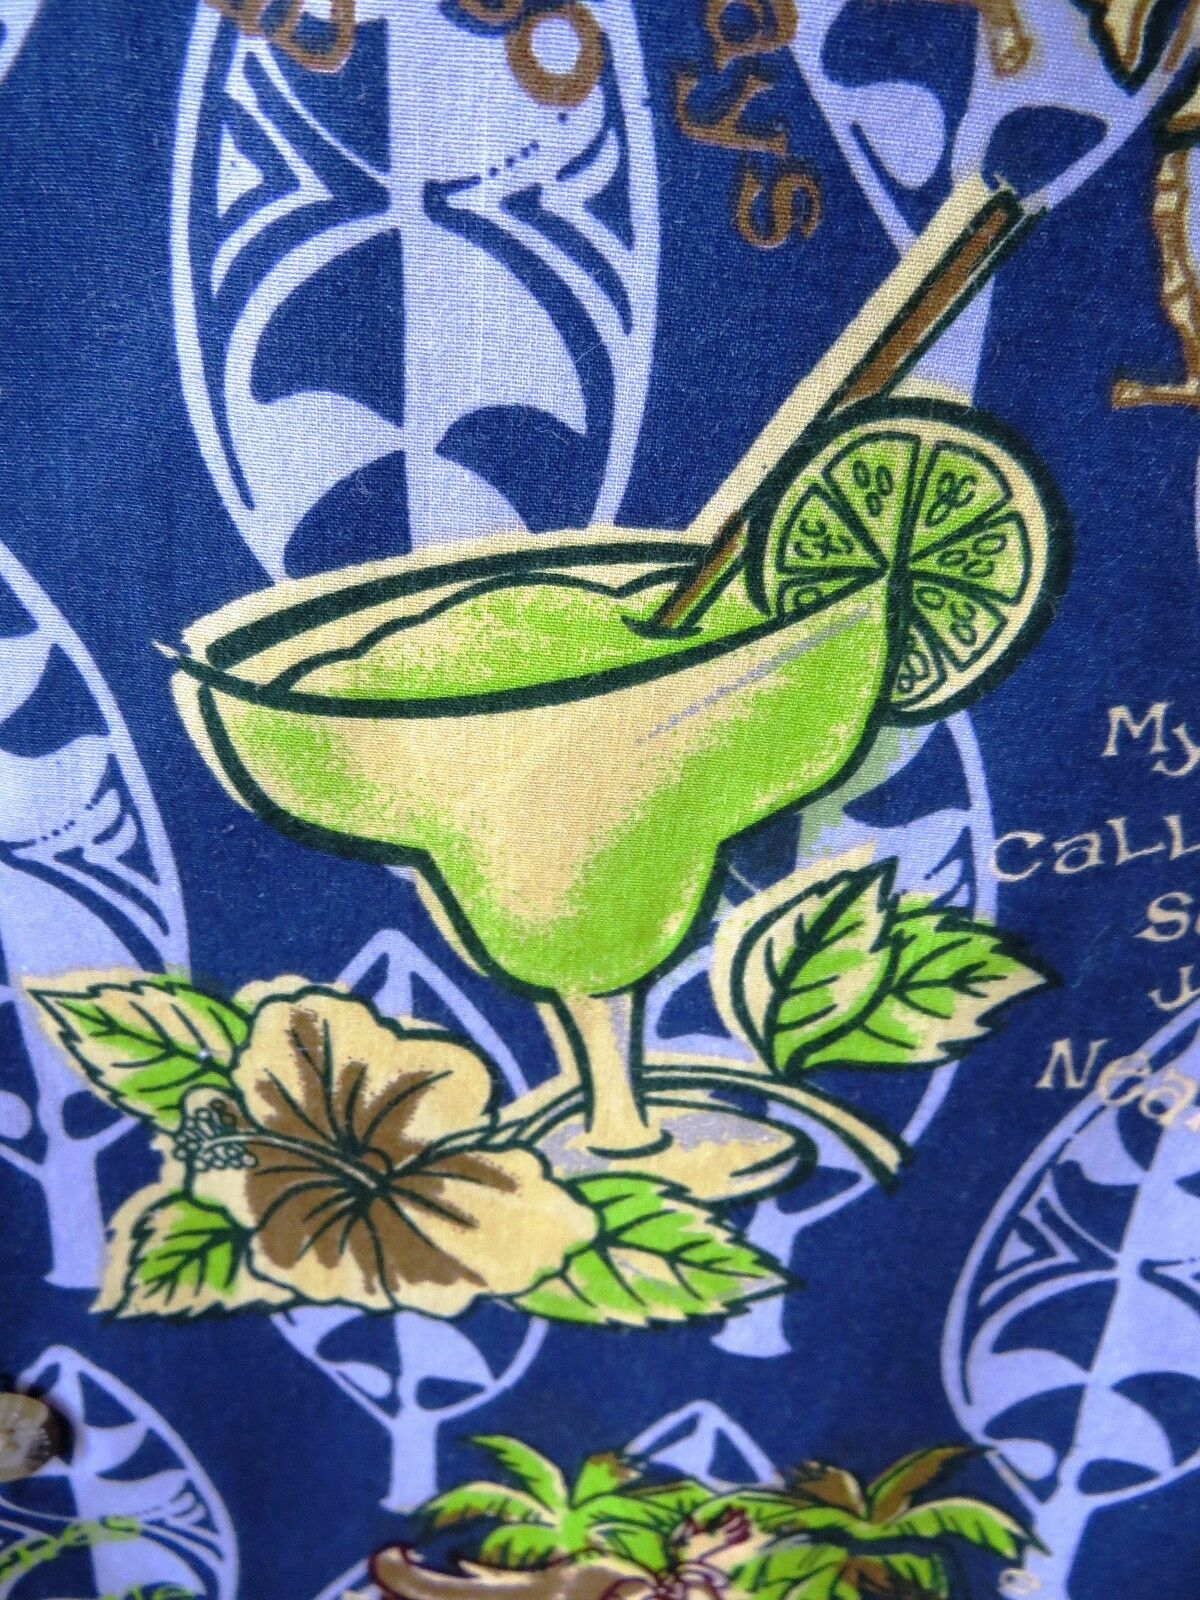 Sz M - JIMMY BUFFET Margaritaville Hawaiian Aloha Shirt Wahine Hula Girls Tiki